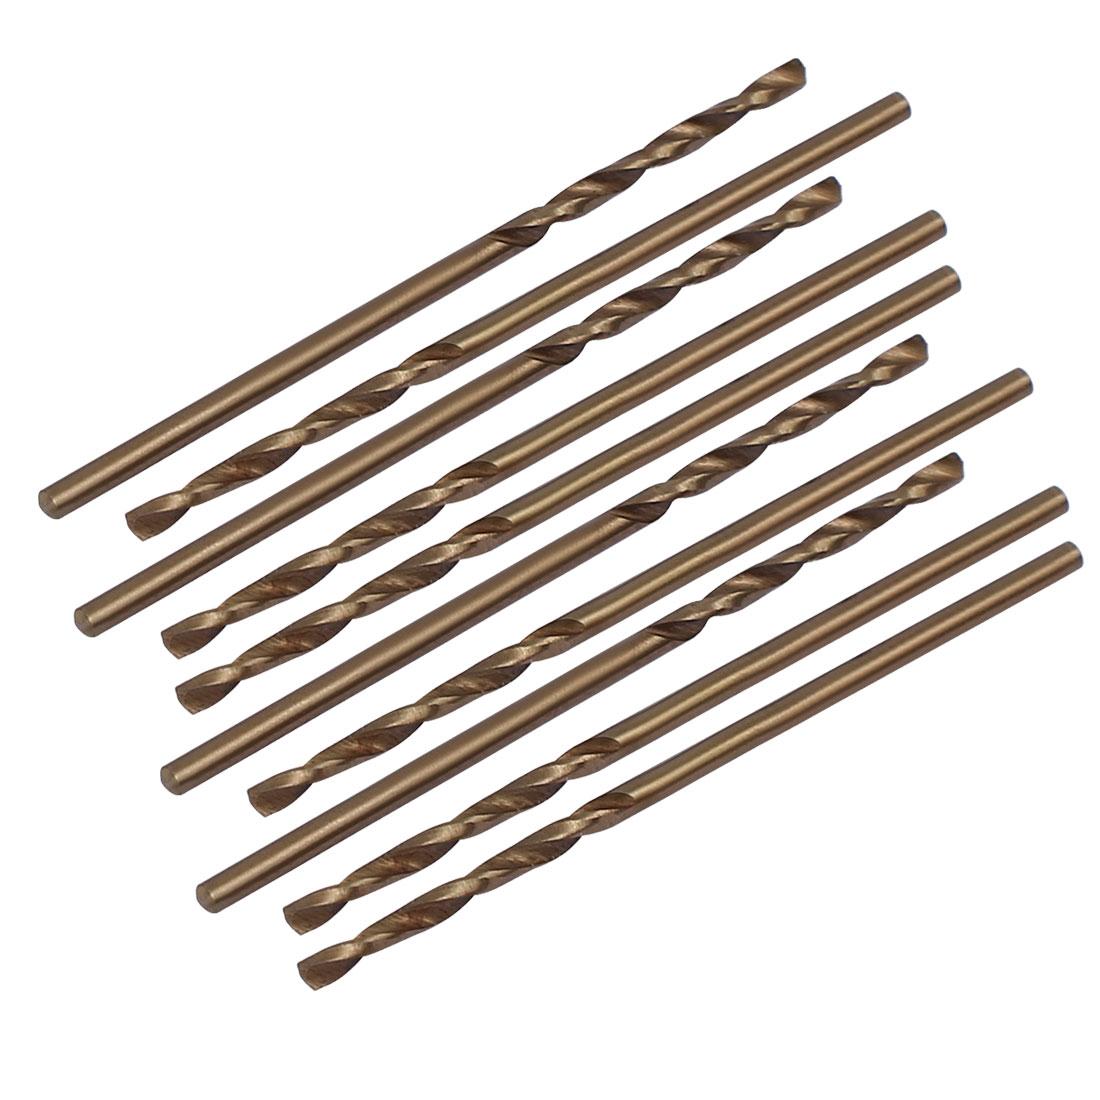 1.3mm Dia Split Point HSS Cobalt Metric Twist Drill Bit Drilling Tool 10pcs